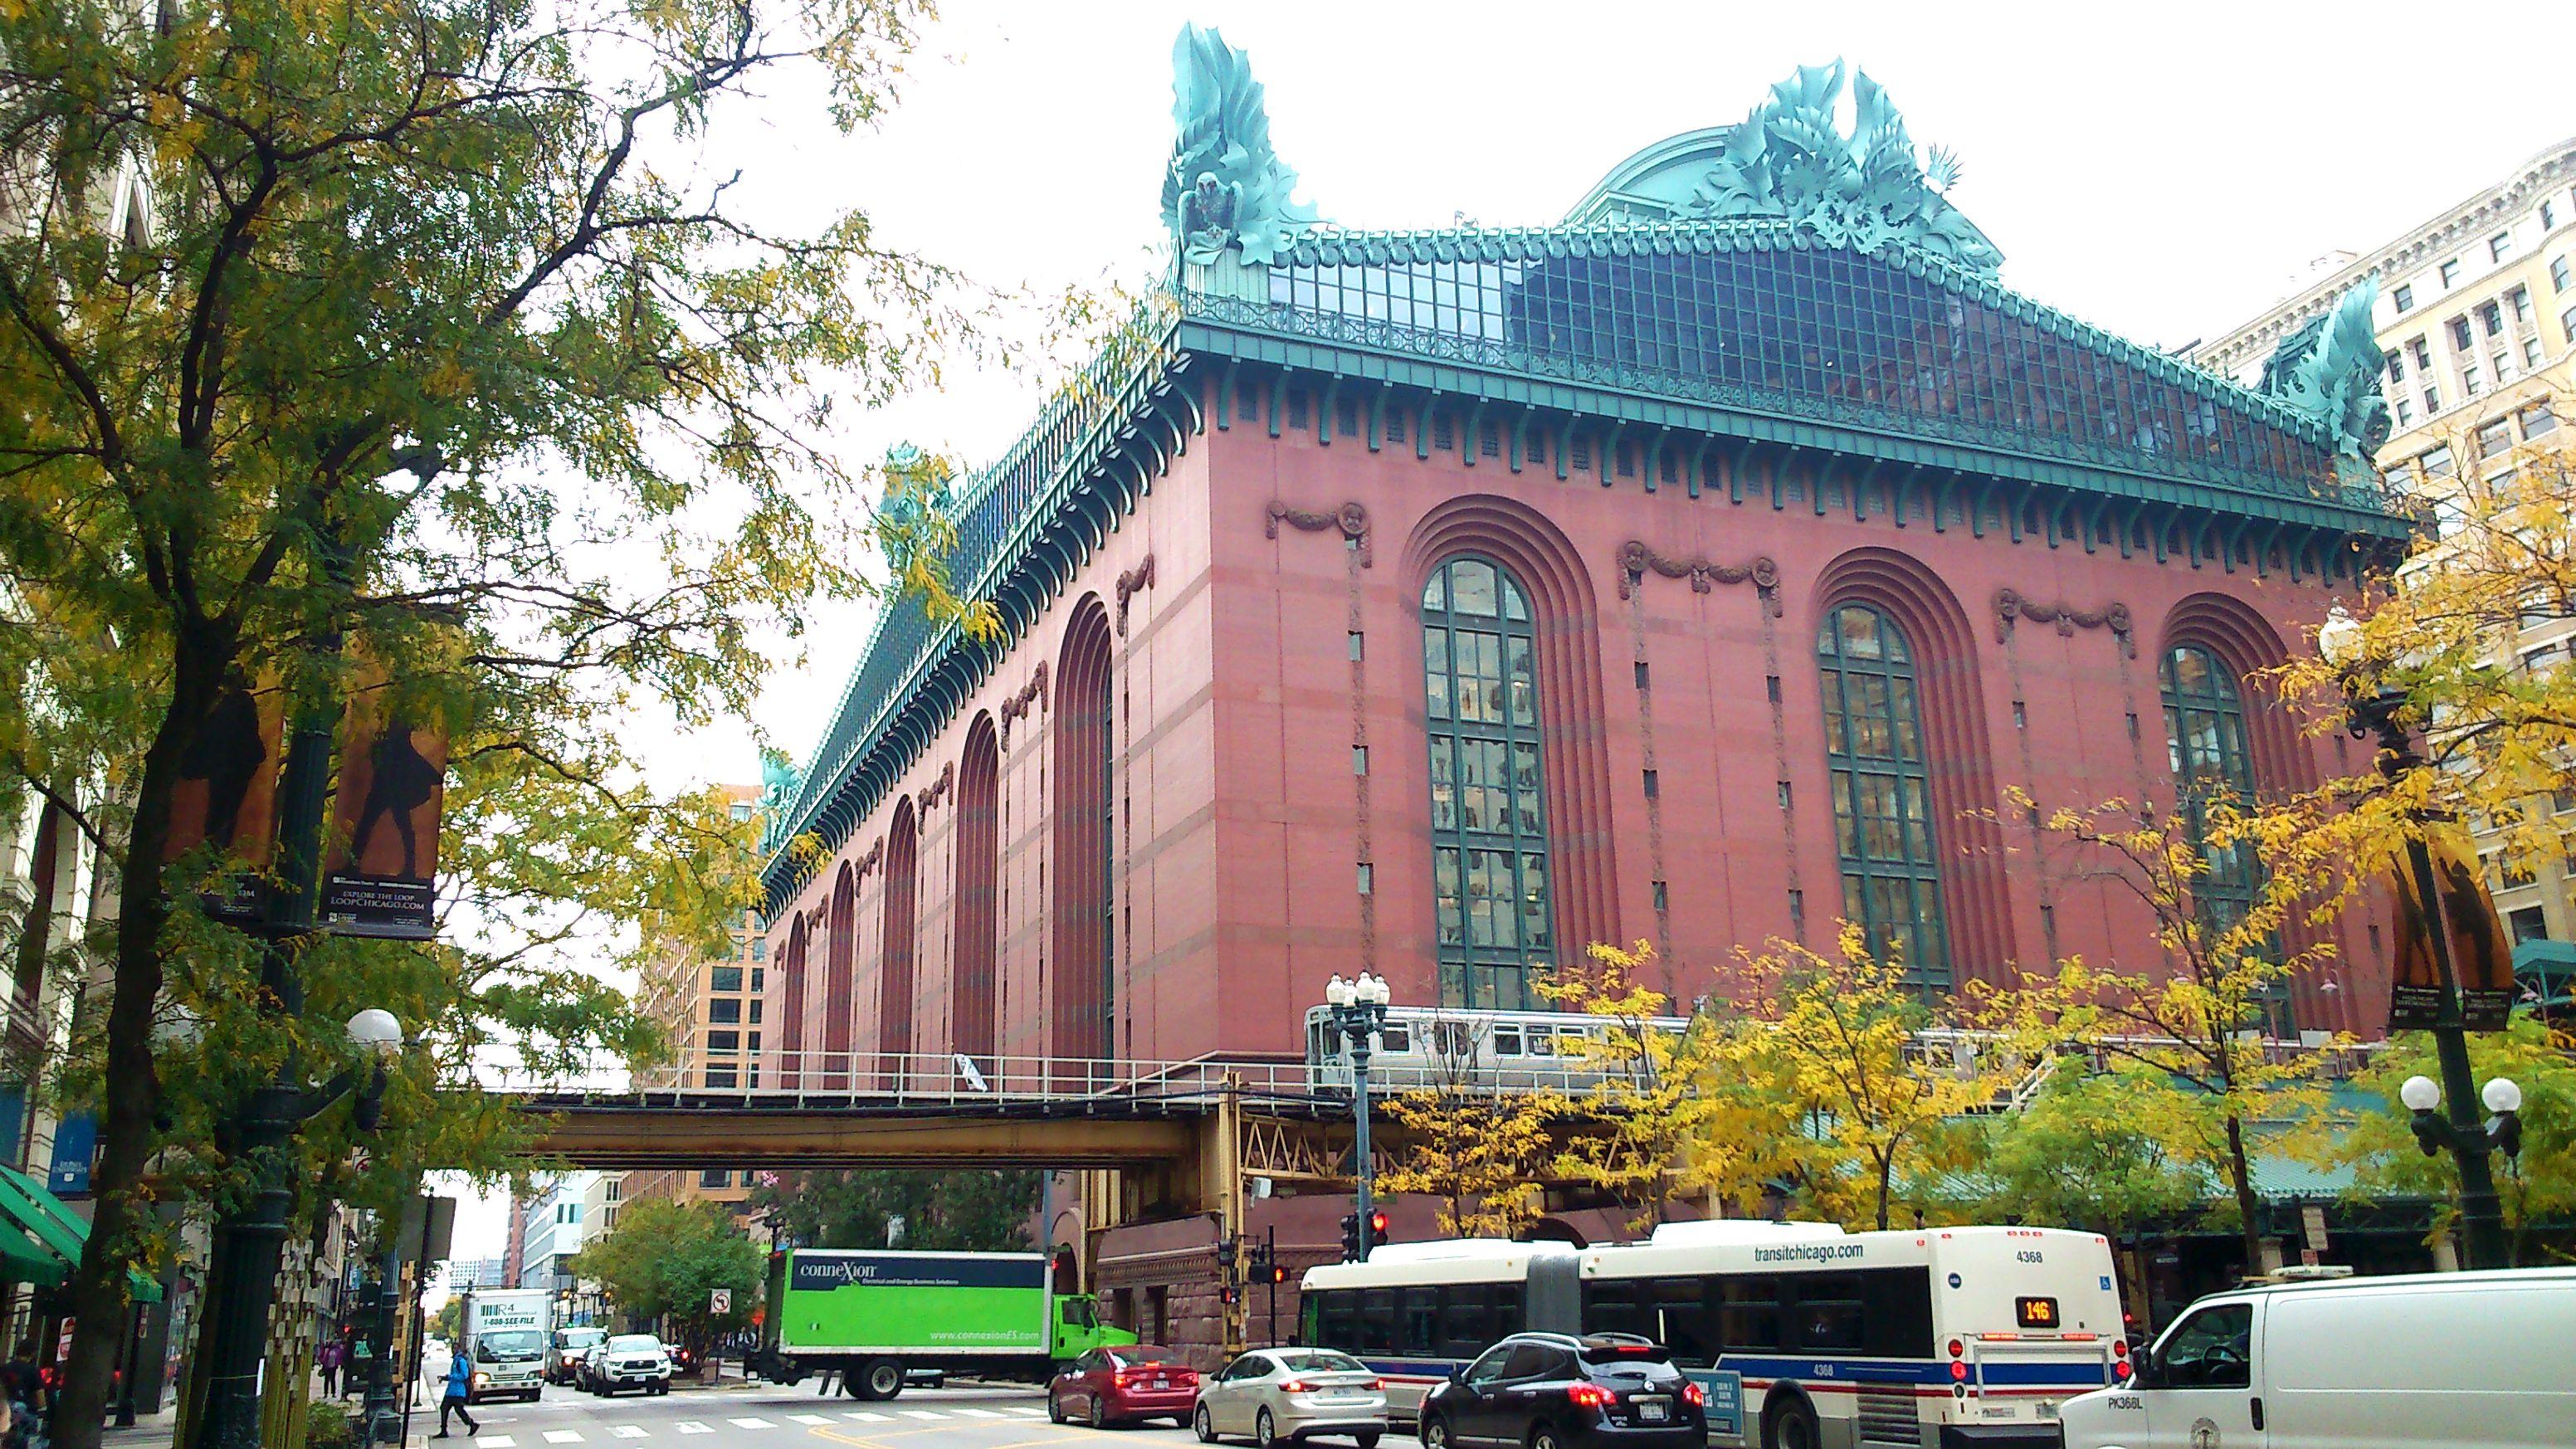 Chicago Public Library, založená 1873